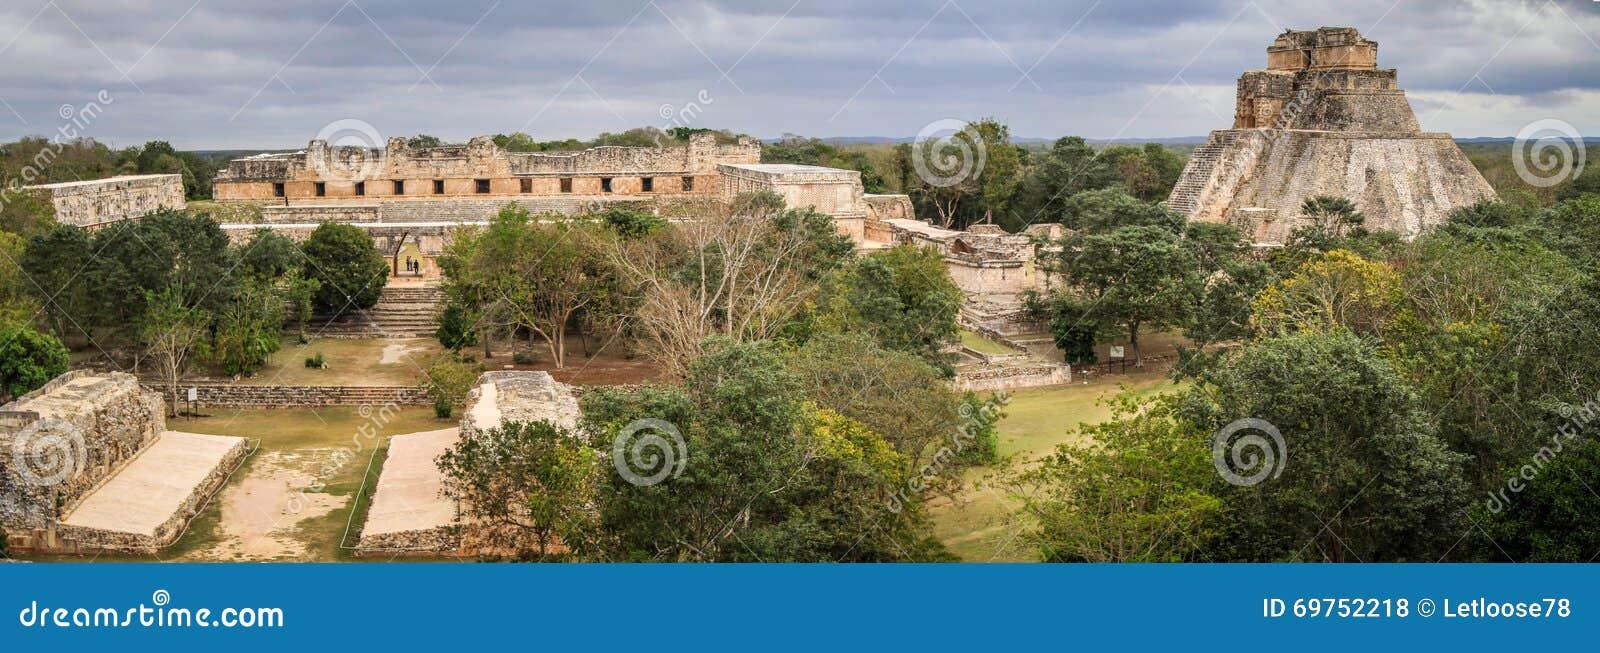 Panoramablick der alten Mayastadt Uxmal, Yucatan, Meco